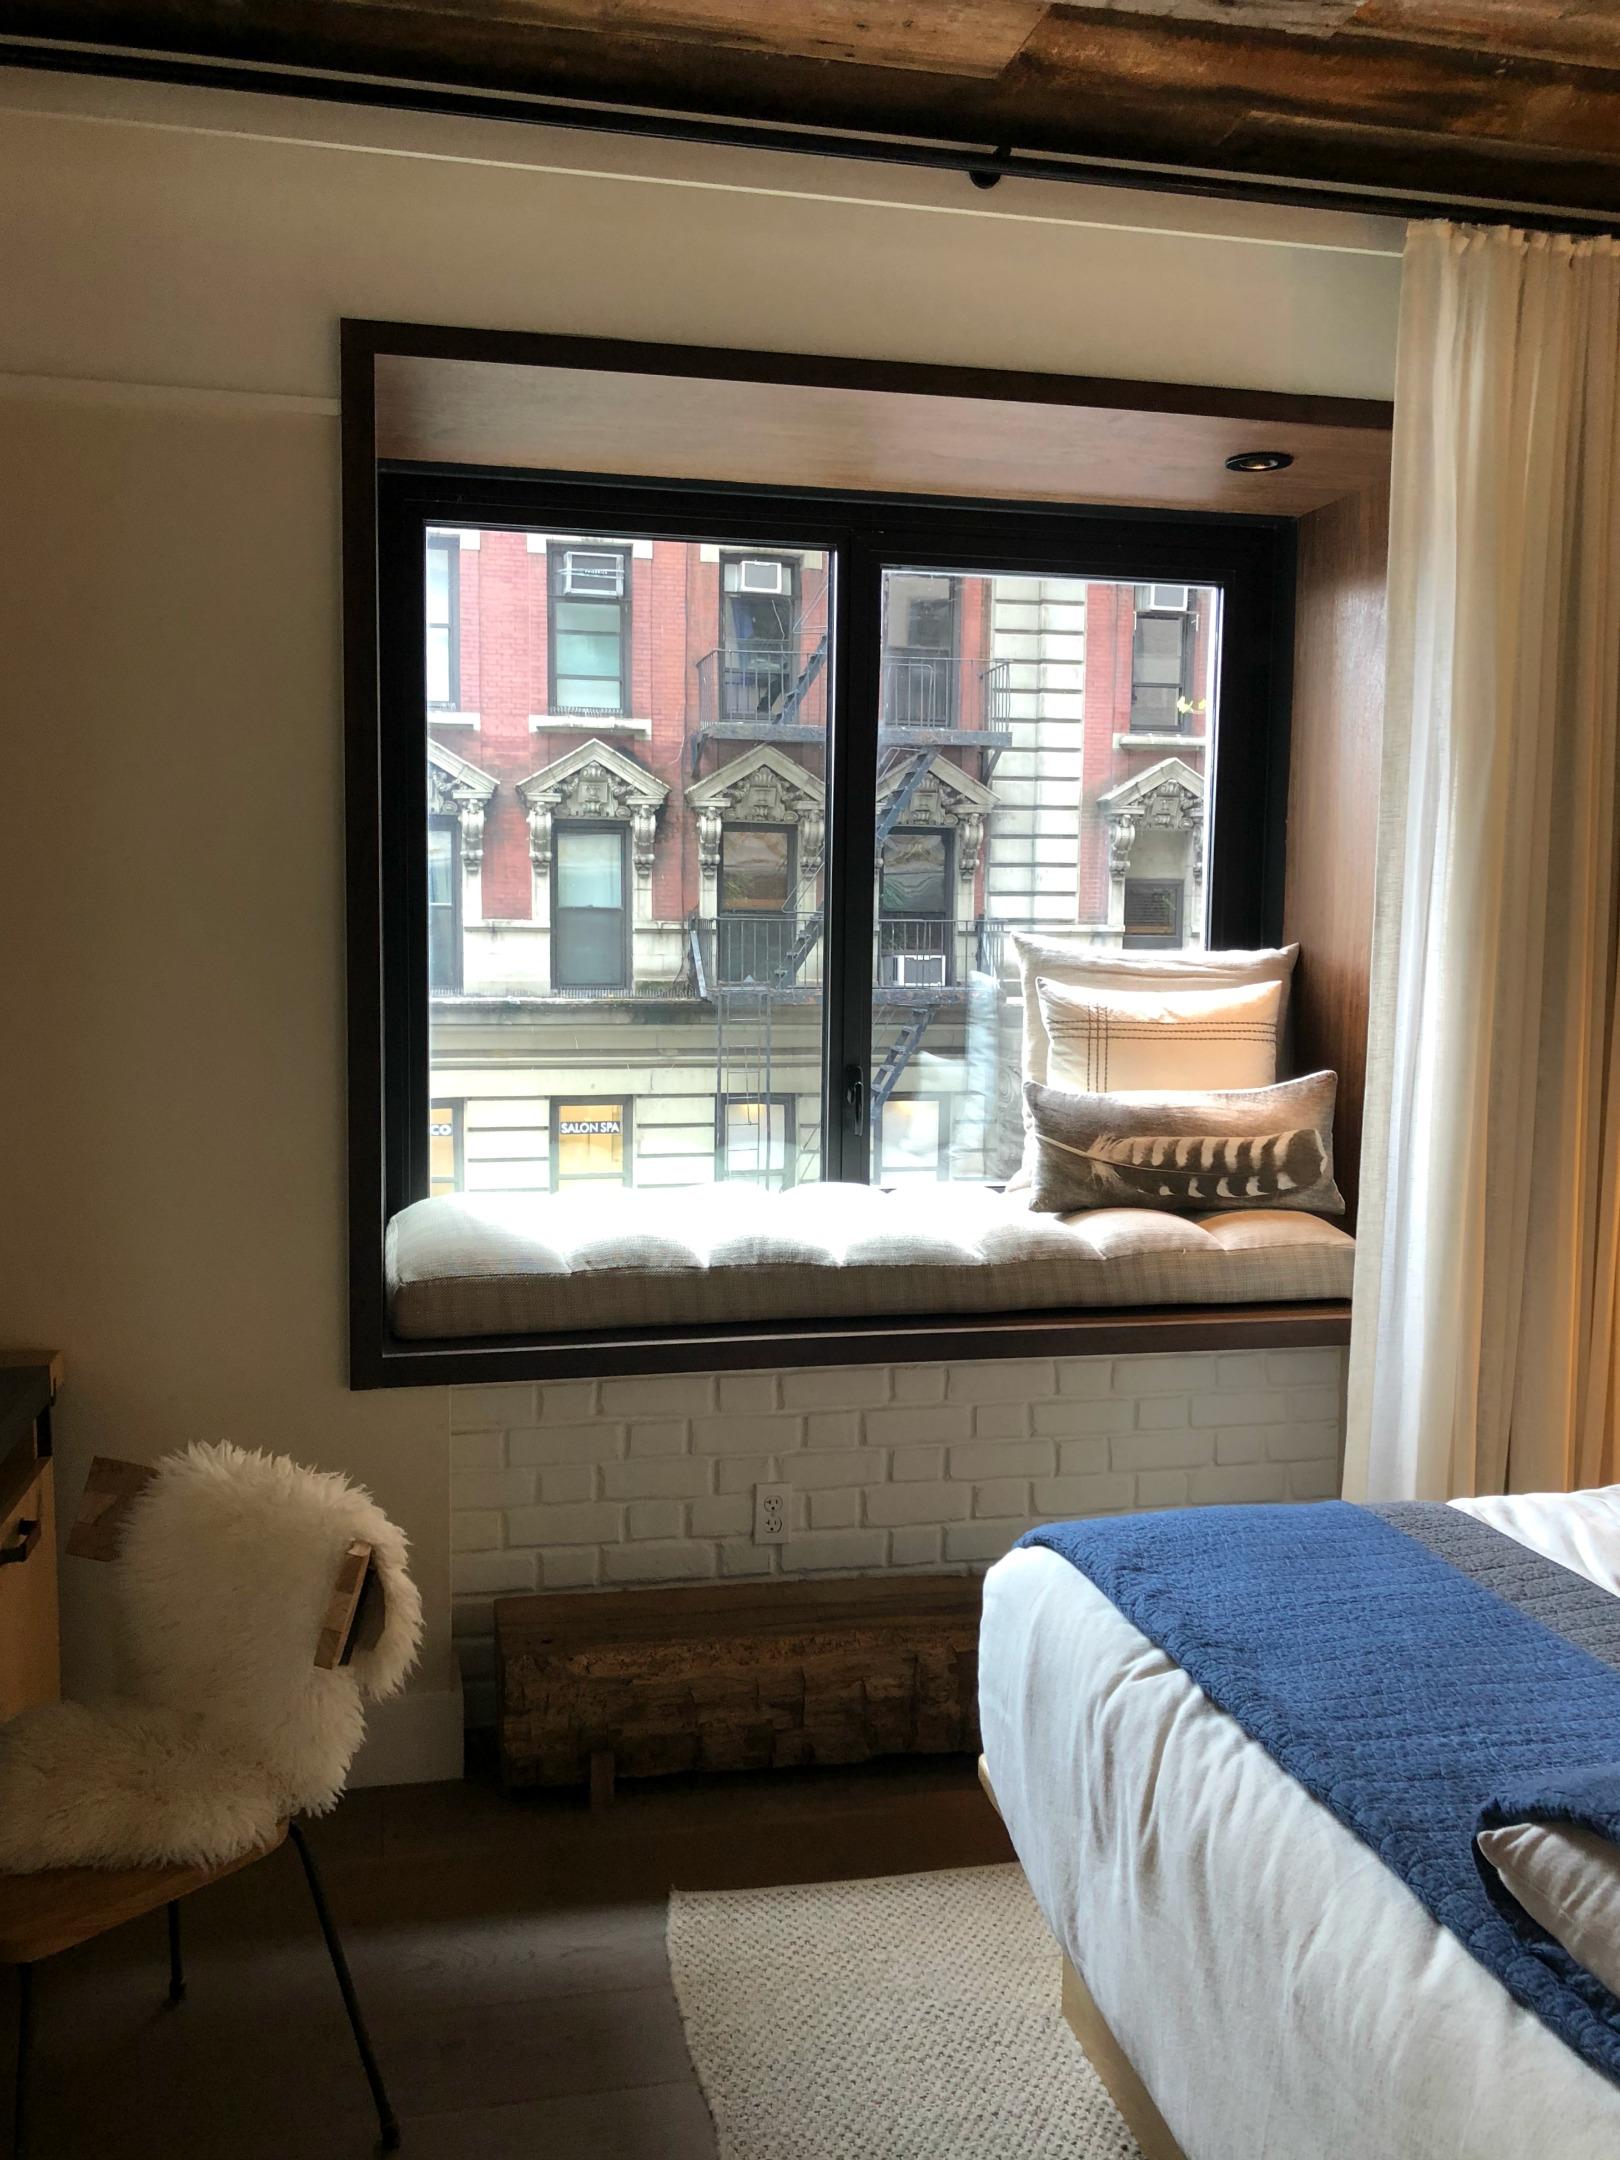 Favorite Things in NYC